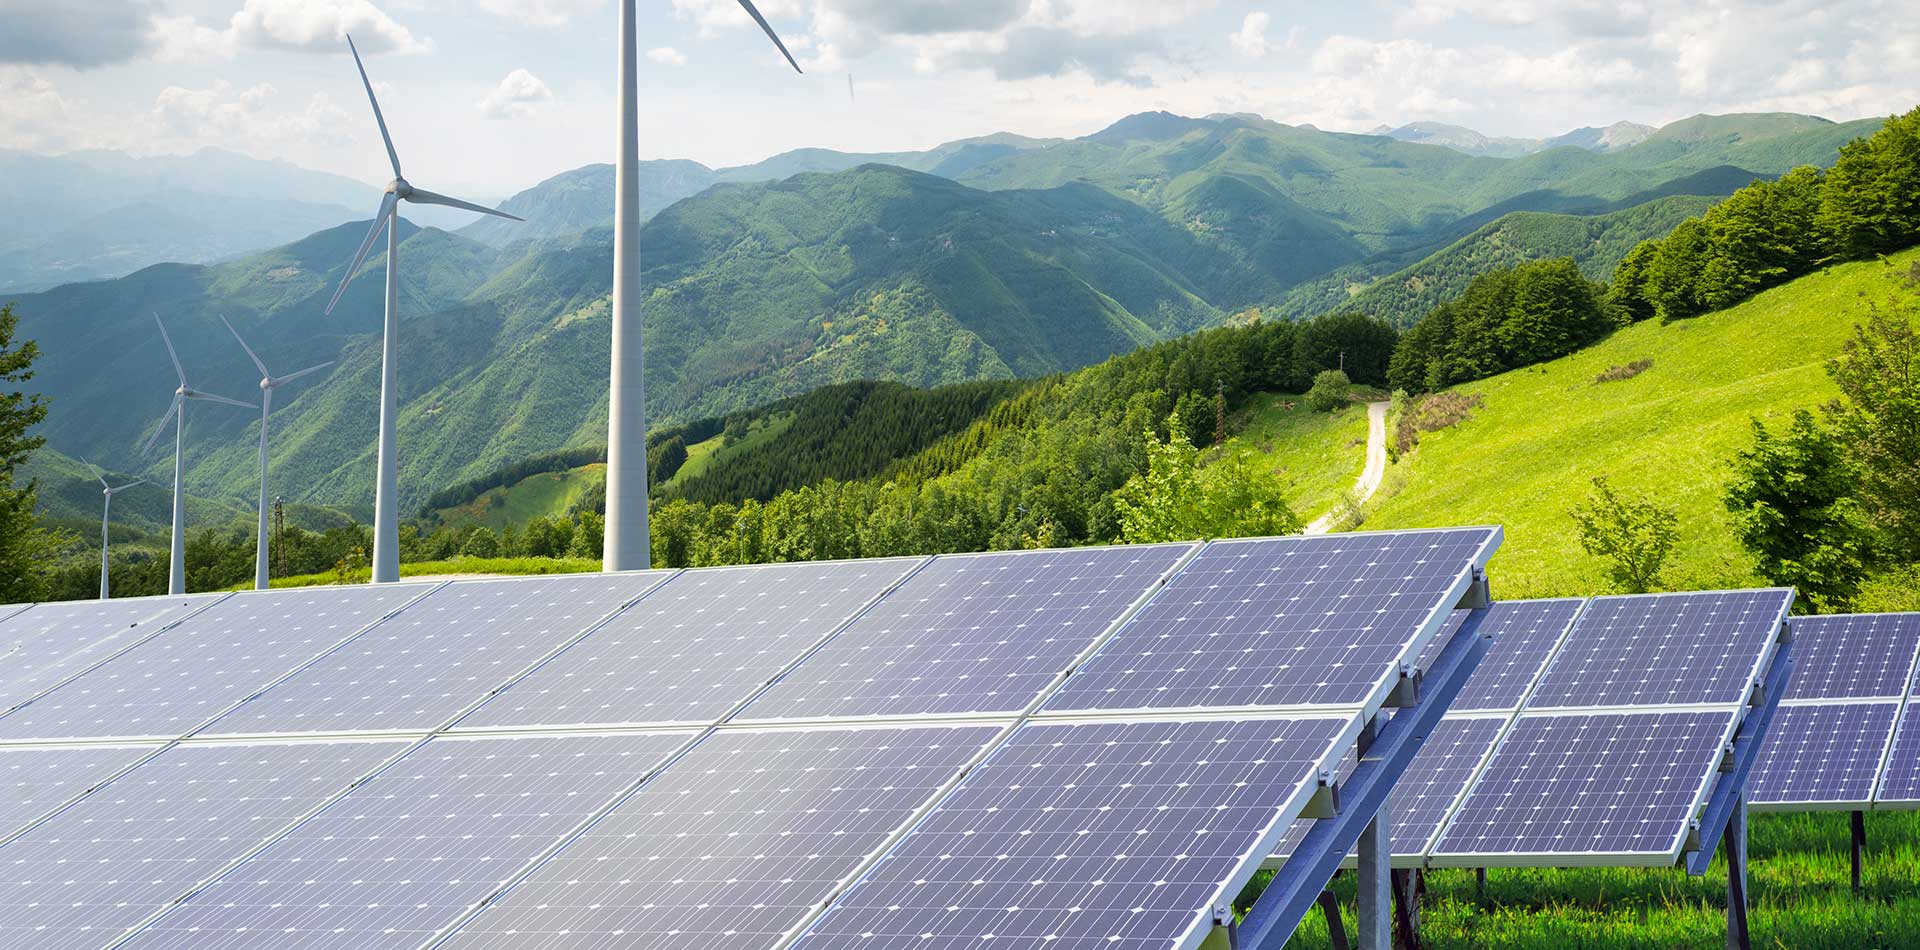 pulizie-speciali_pannelli_fotovoltaici_nuova_era_servizi_reggio_emilia_parma_modena